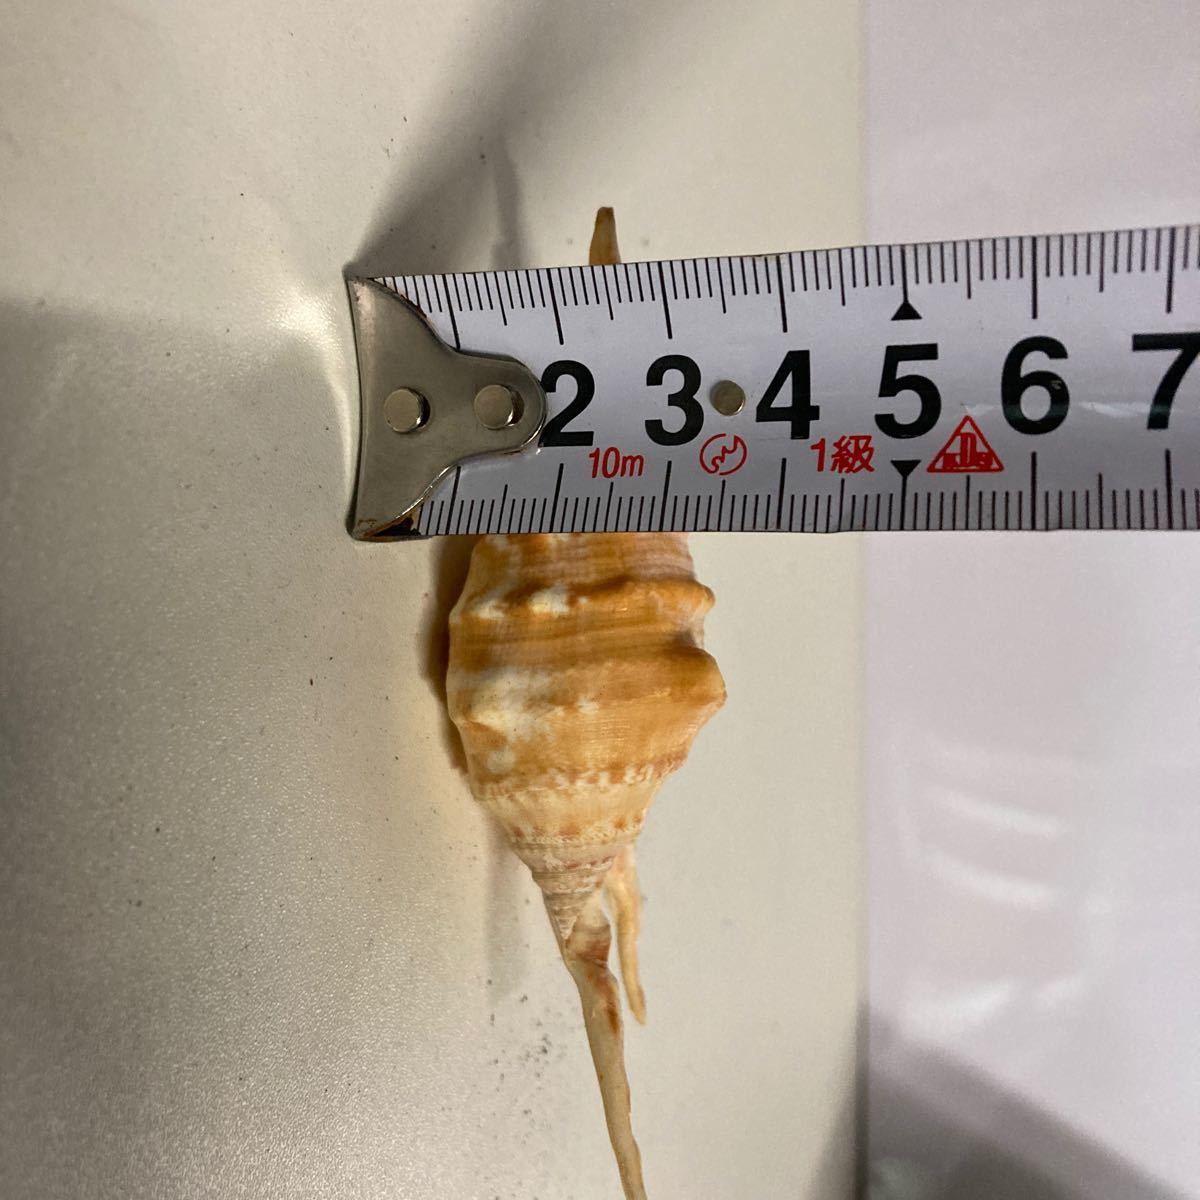 貝殻 貝標本 天然貝殻 貝殻標本 4_画像7